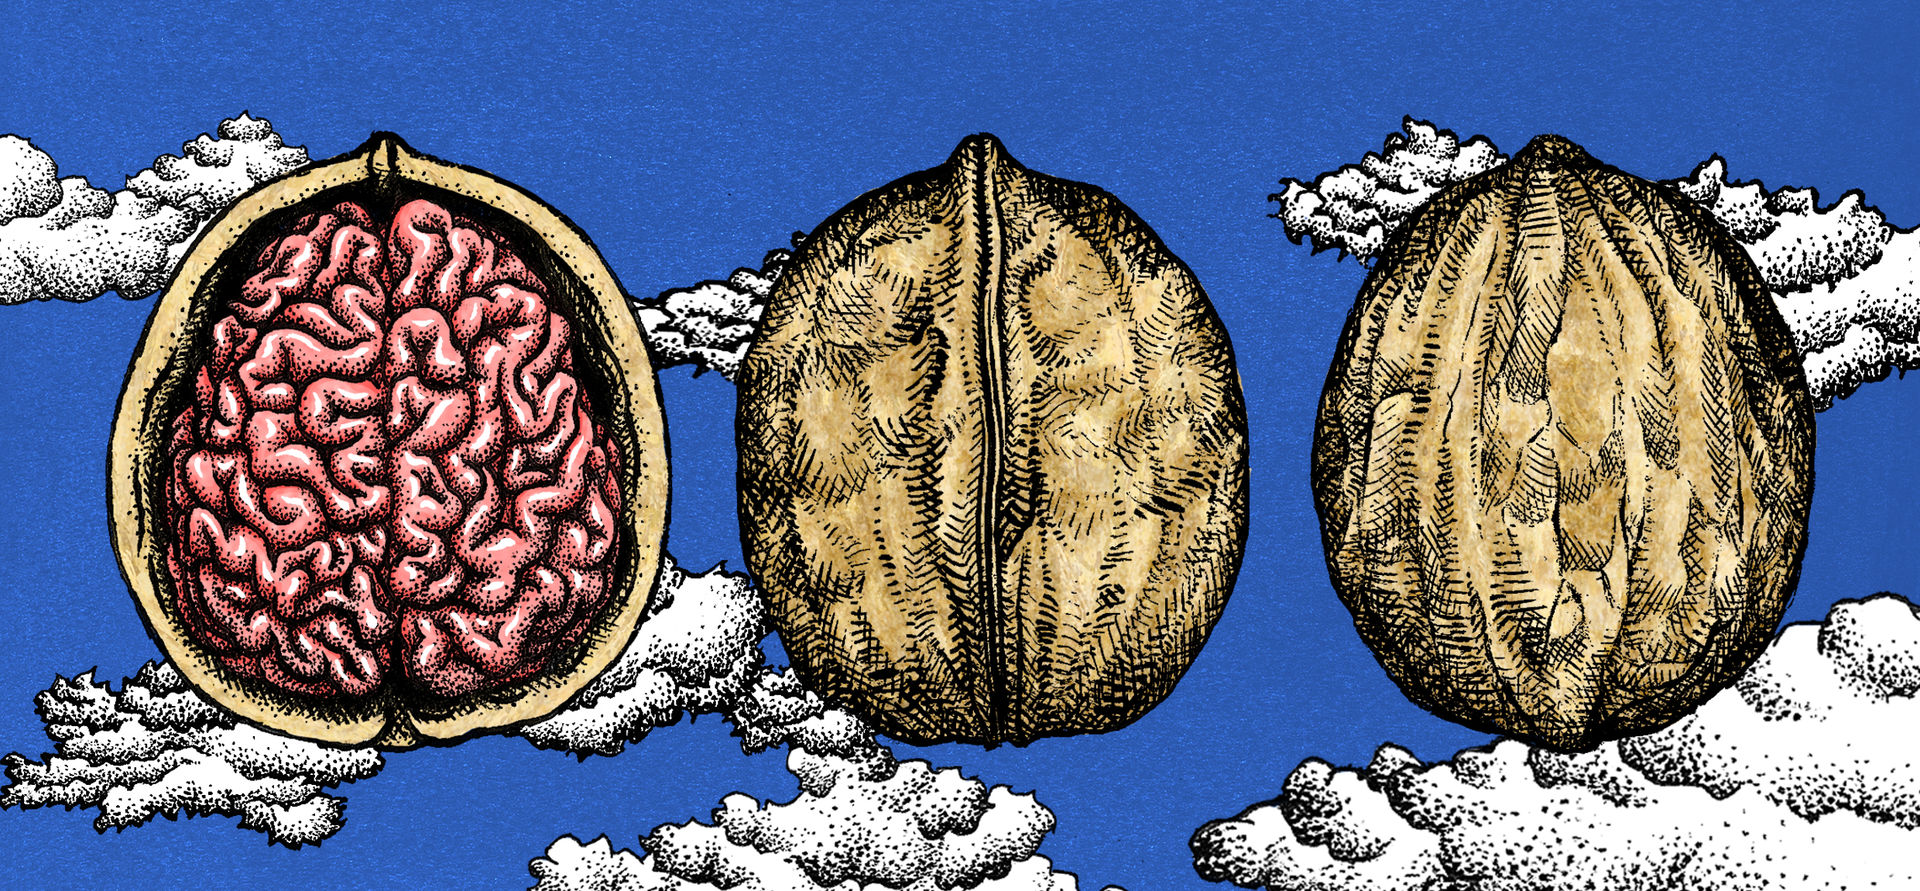 Brain in a nutshell